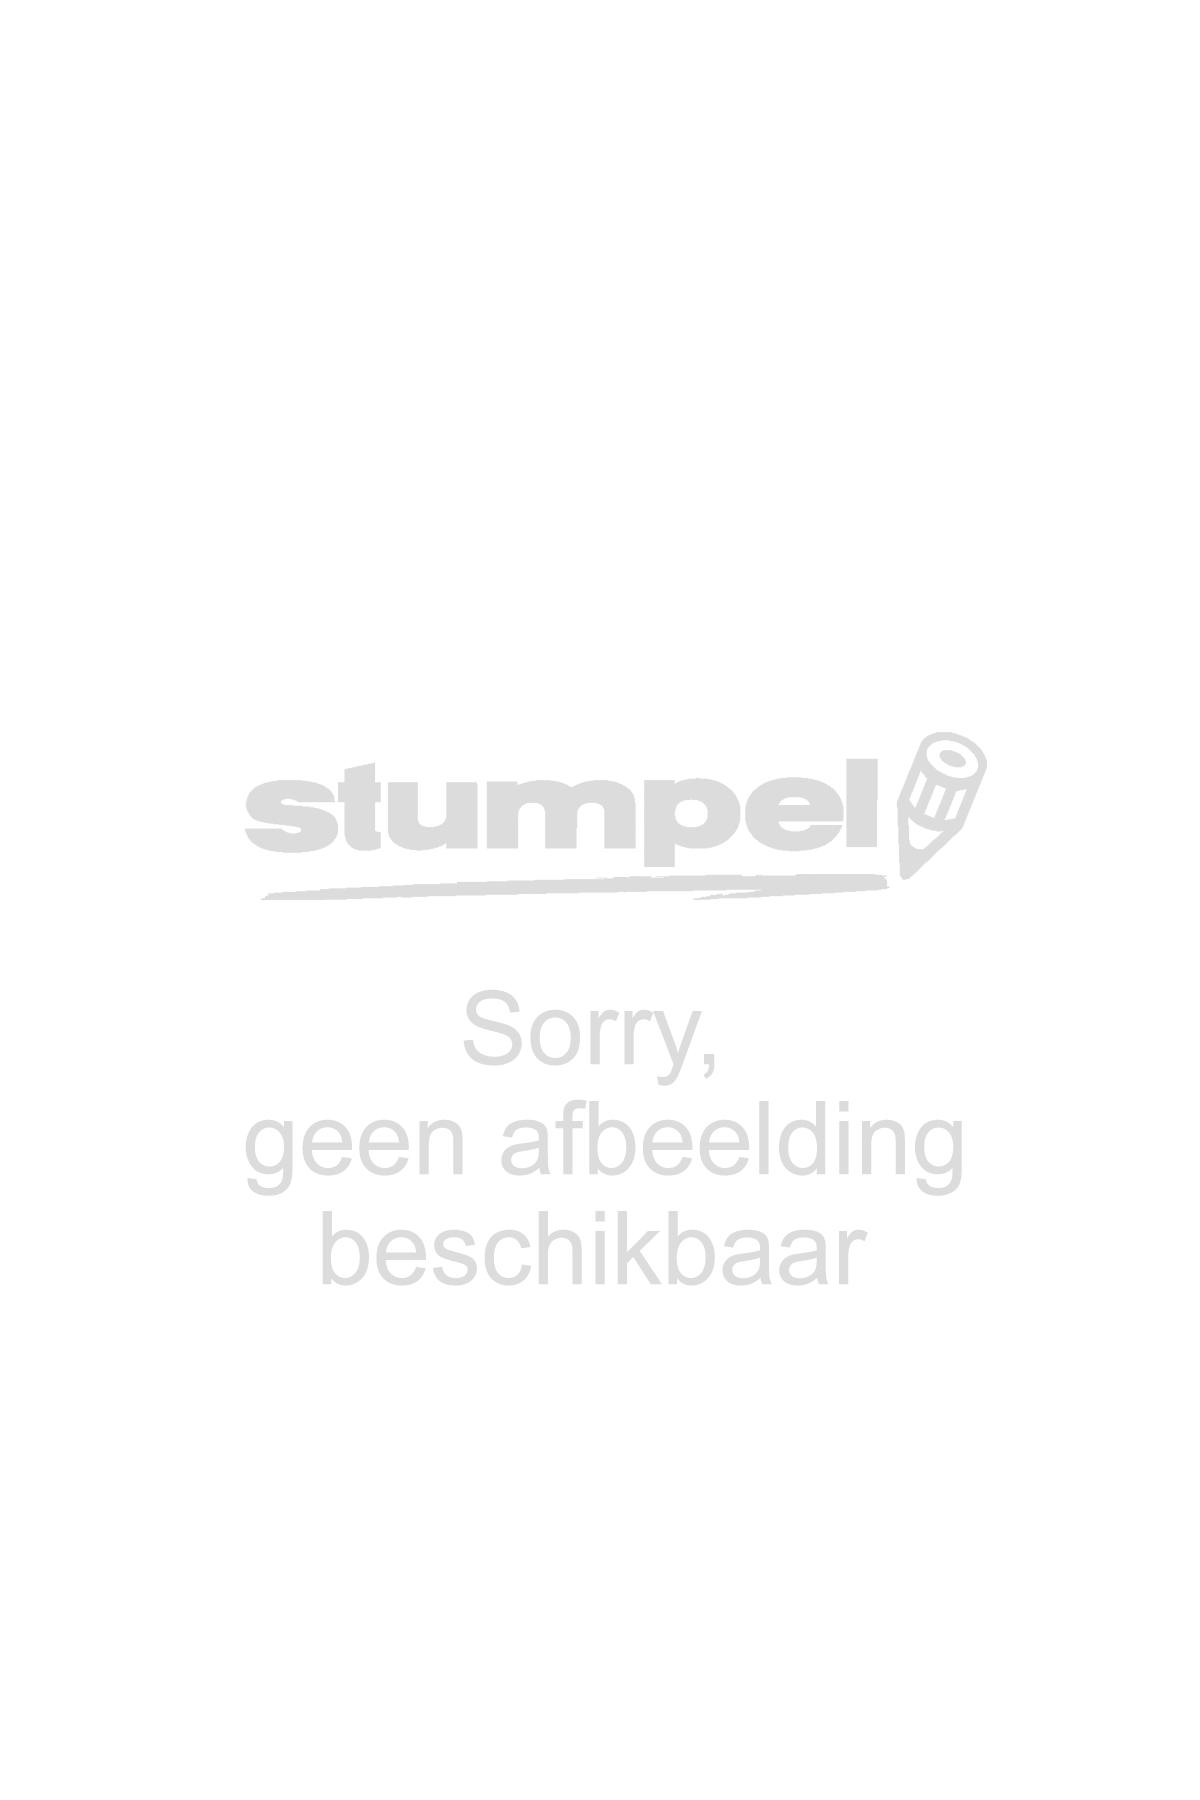 markeerstift-stabilo-boss-7058-lila-635018